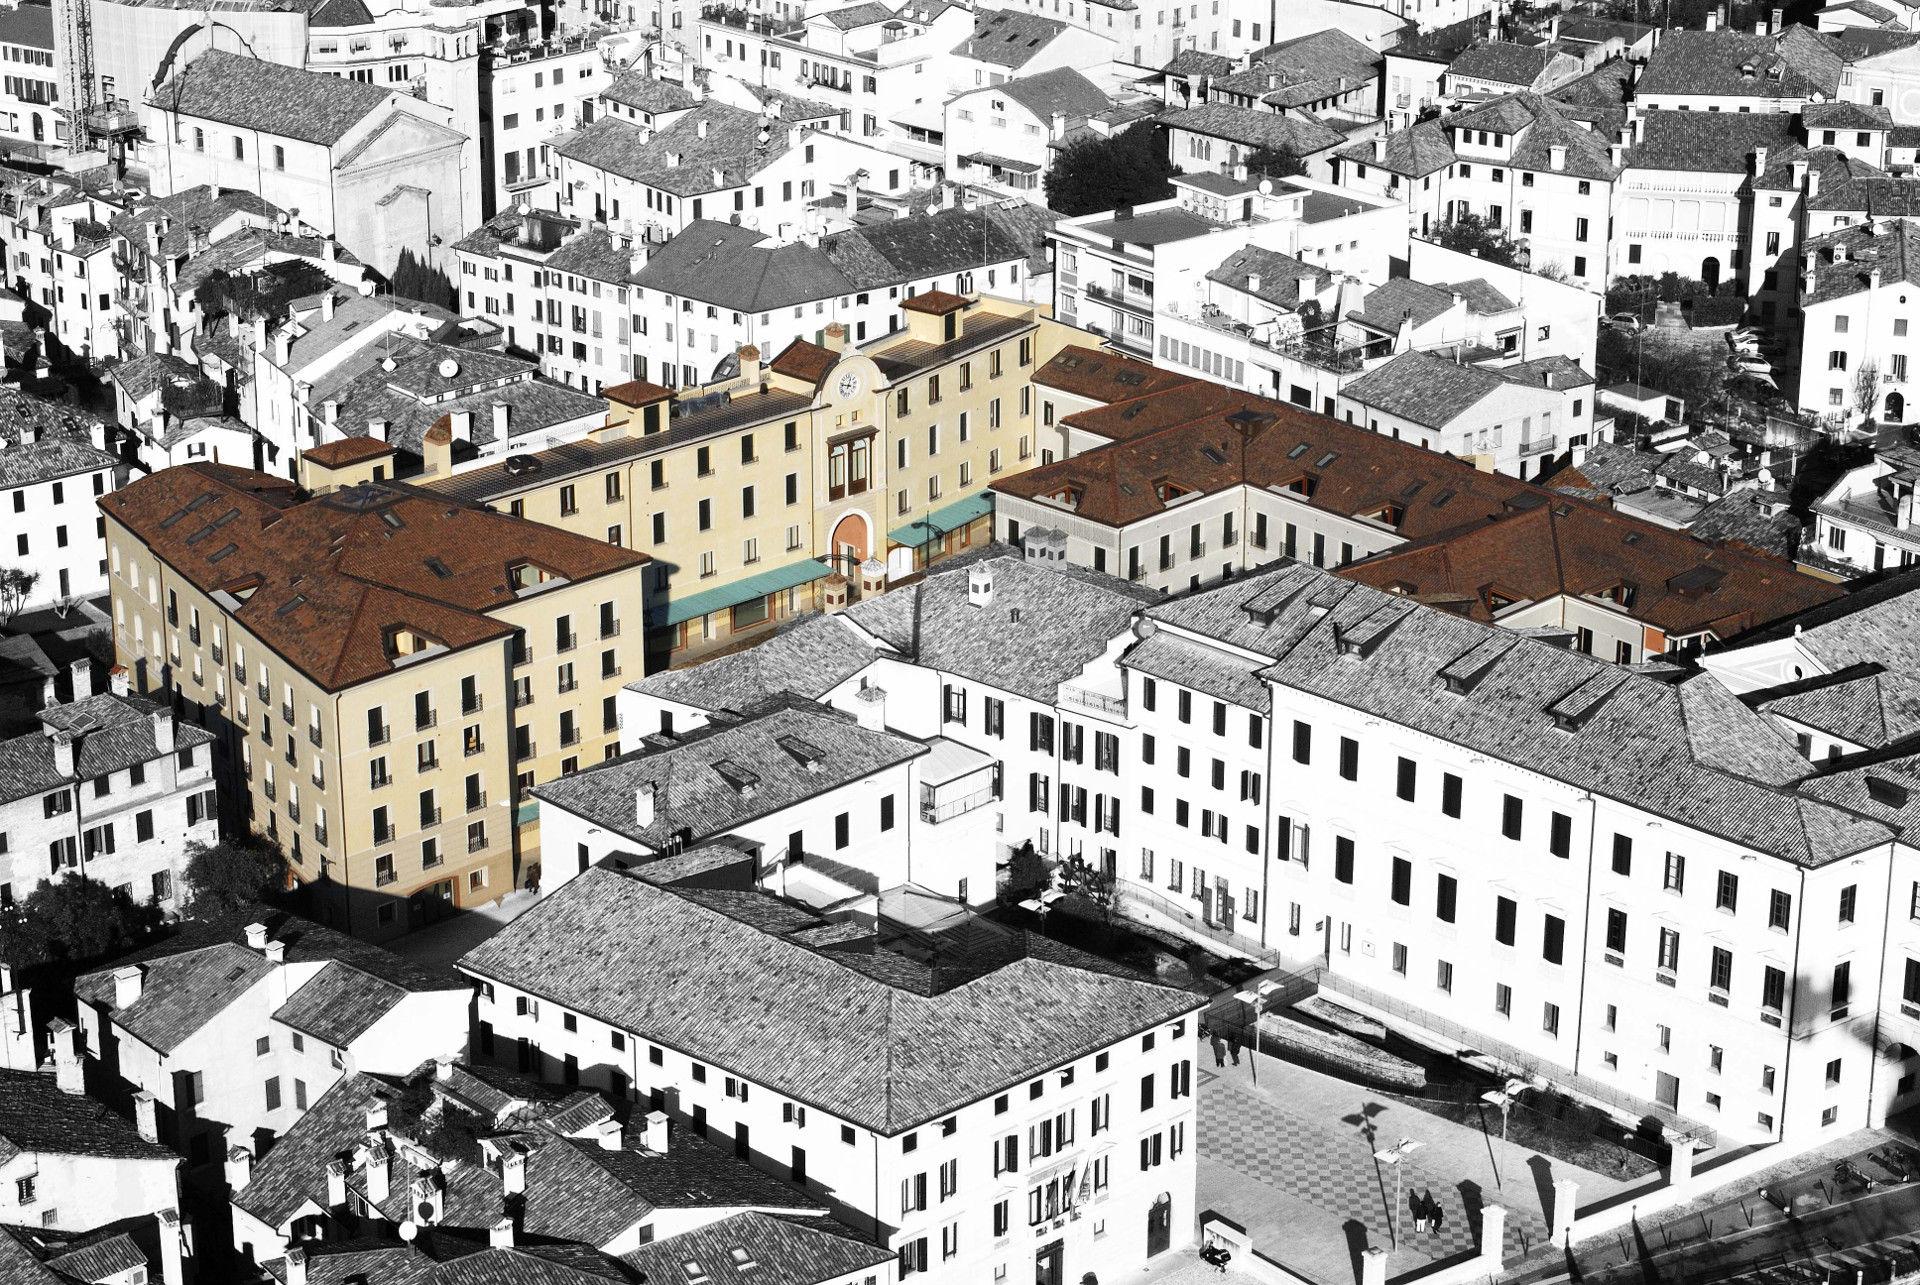 Il Quartiere Latino di Treviso - image 9